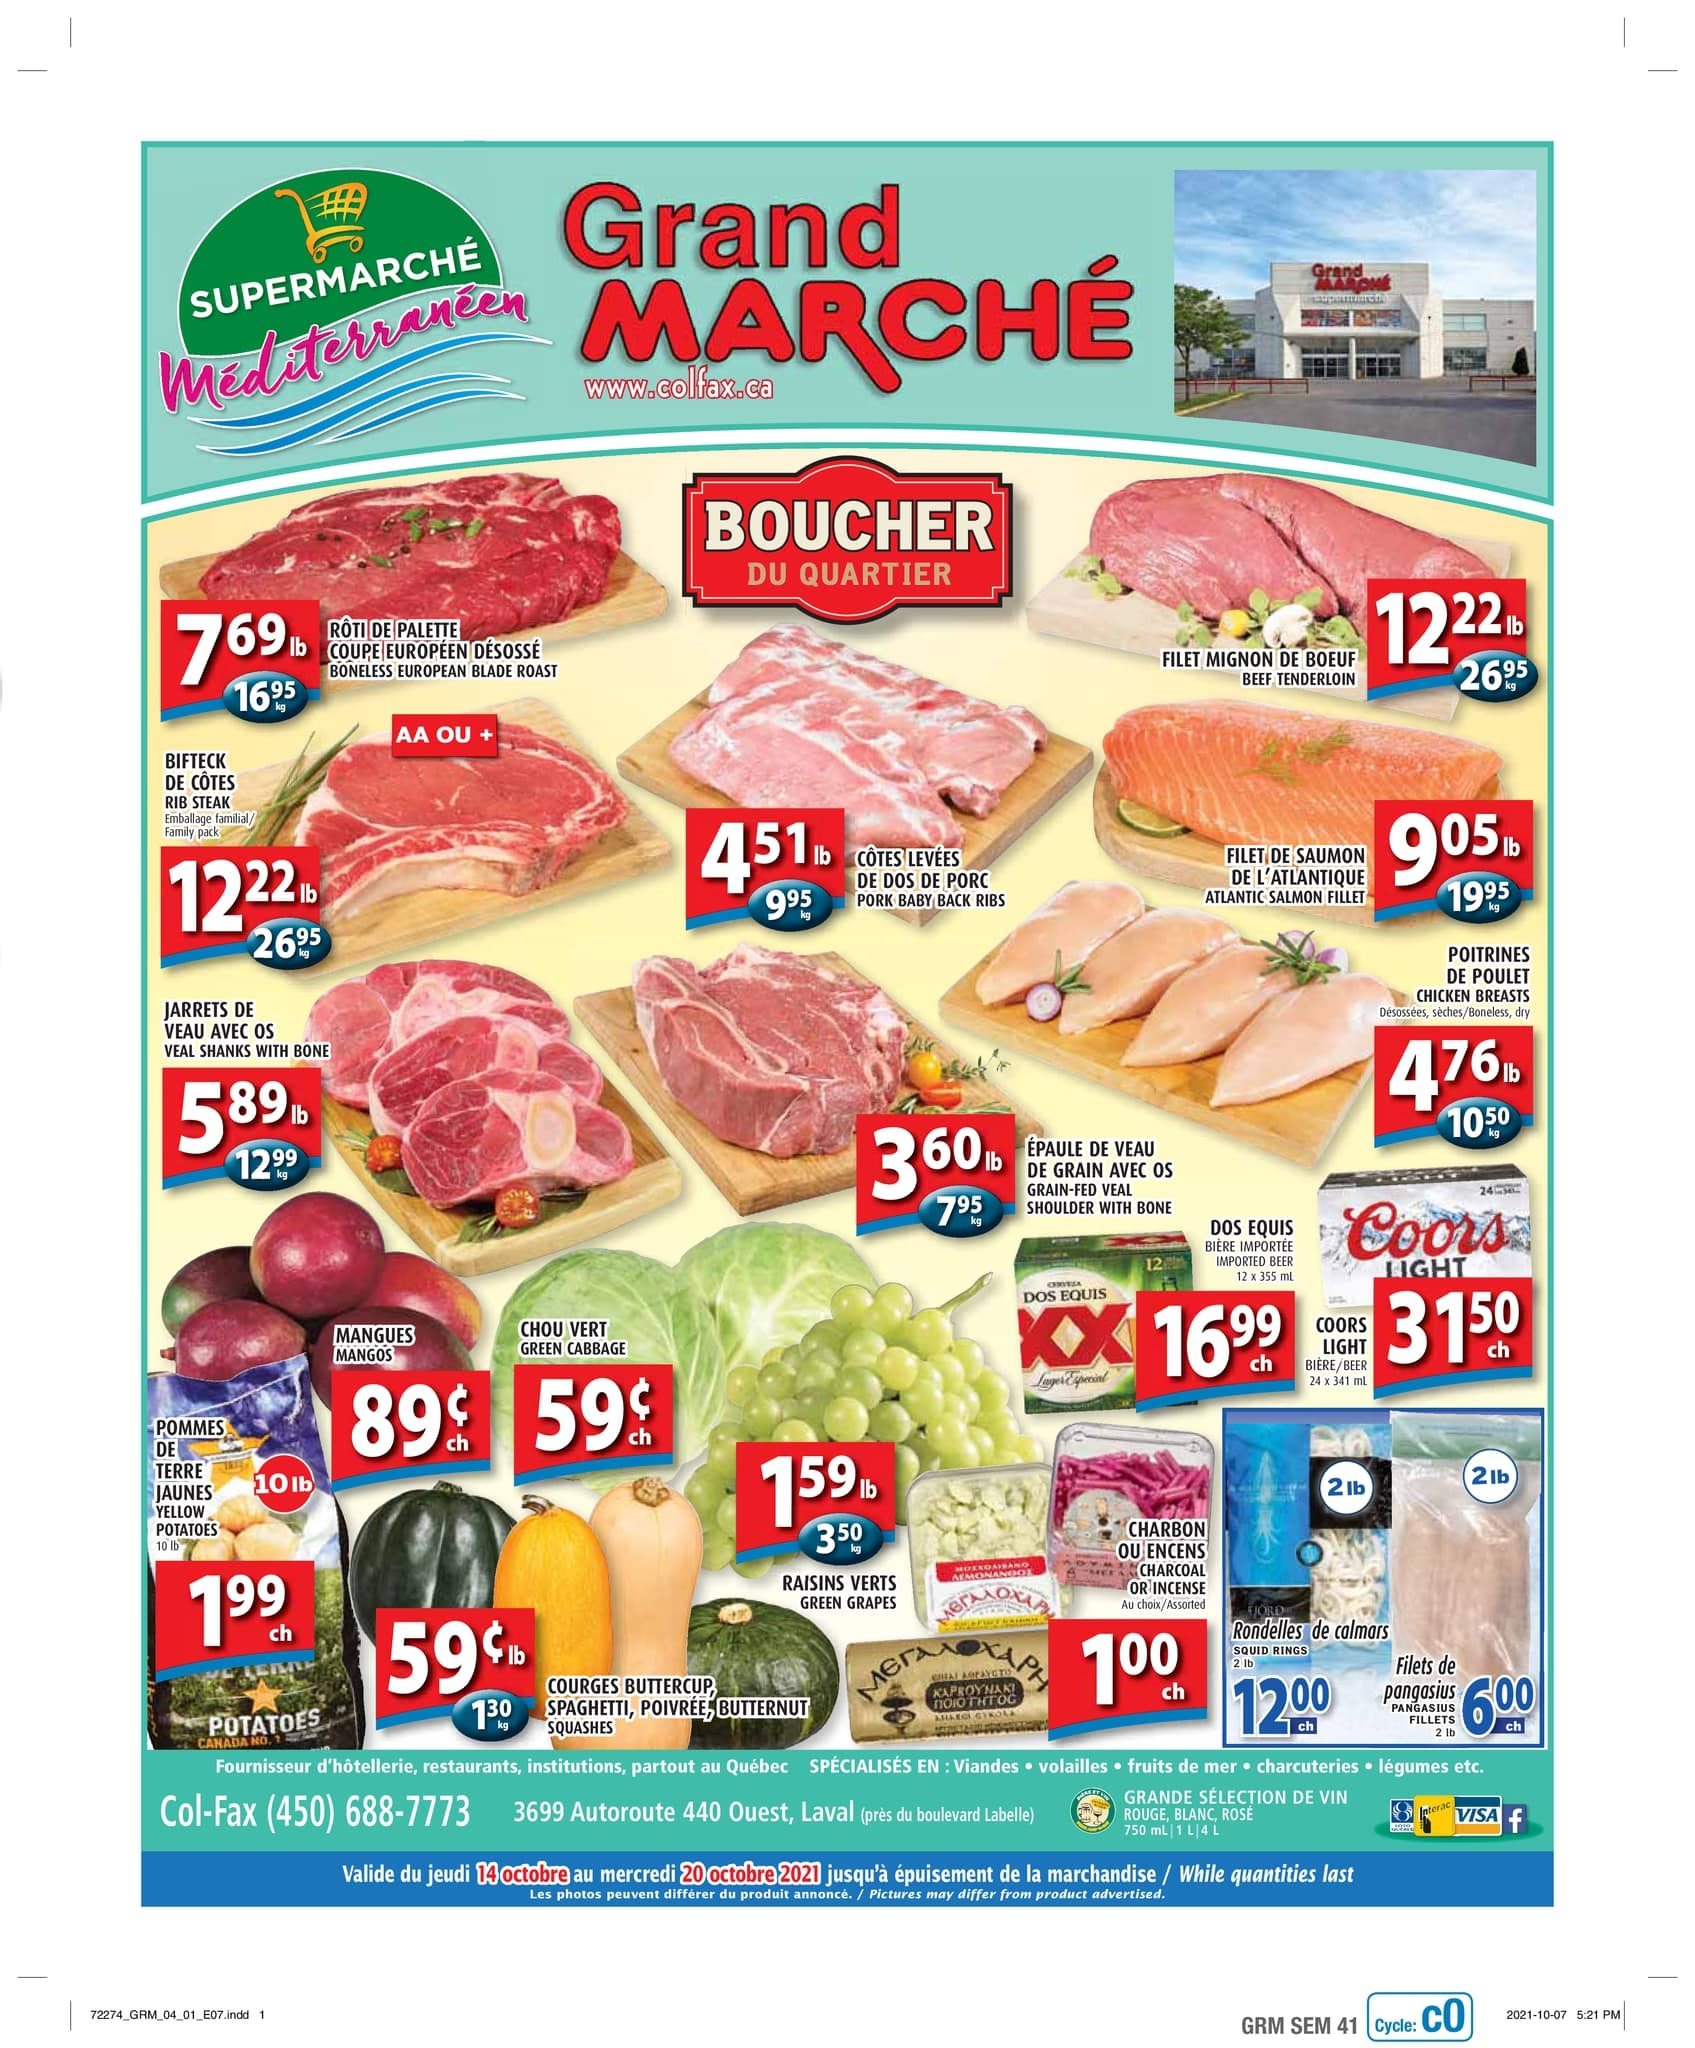 Circulaire Grand Marché Laval du 14 au 20 octobre 2021 - Page 1